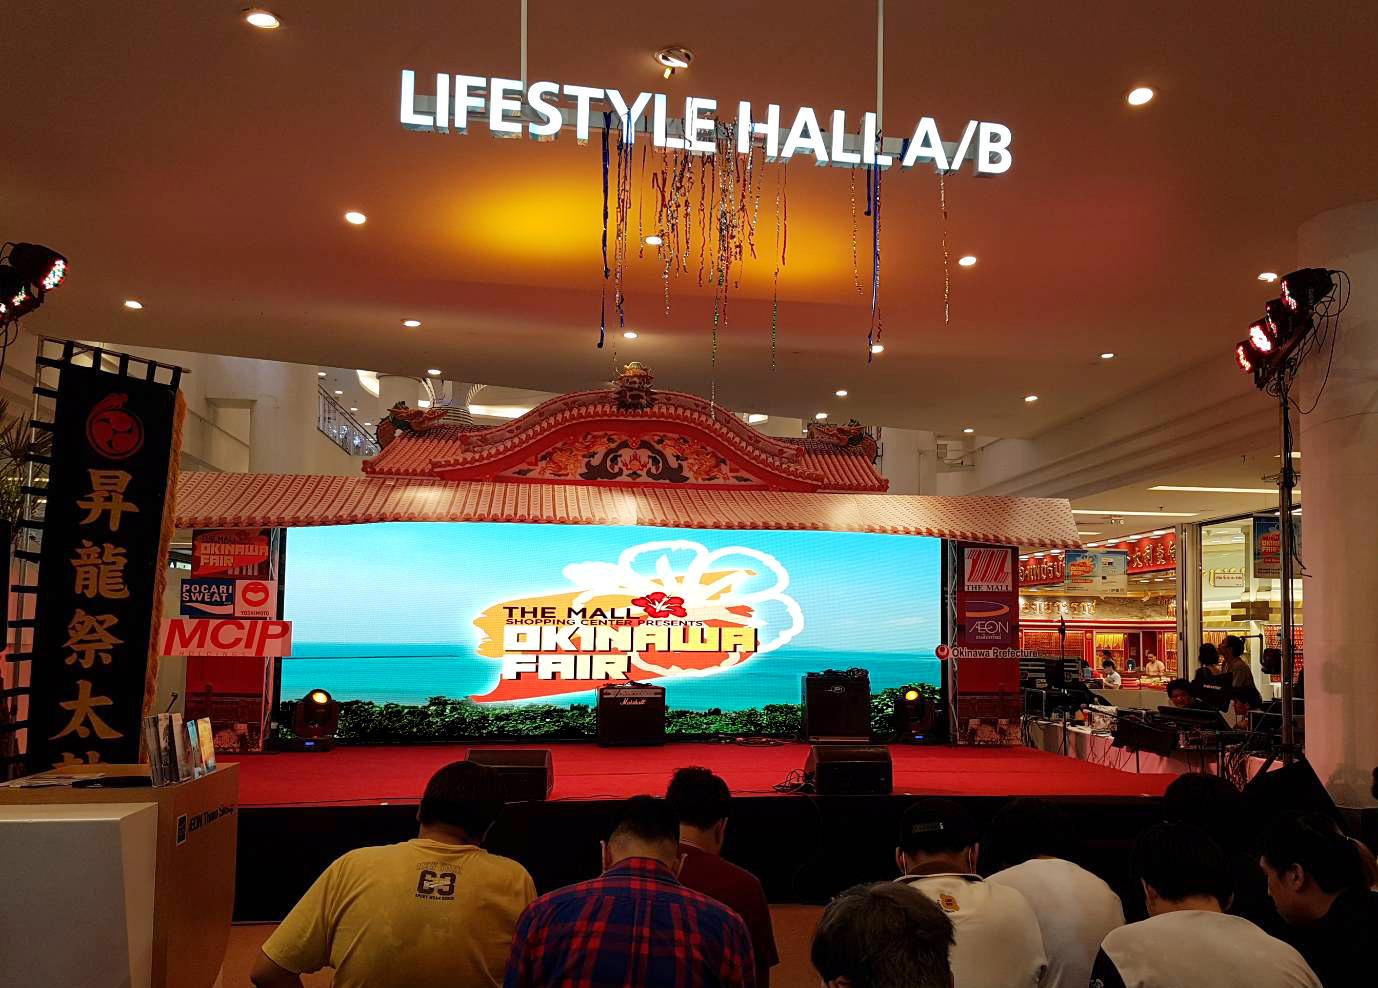 งานเช่าจอ LED - Okinawa Fair (The Mall บางกะปิ)